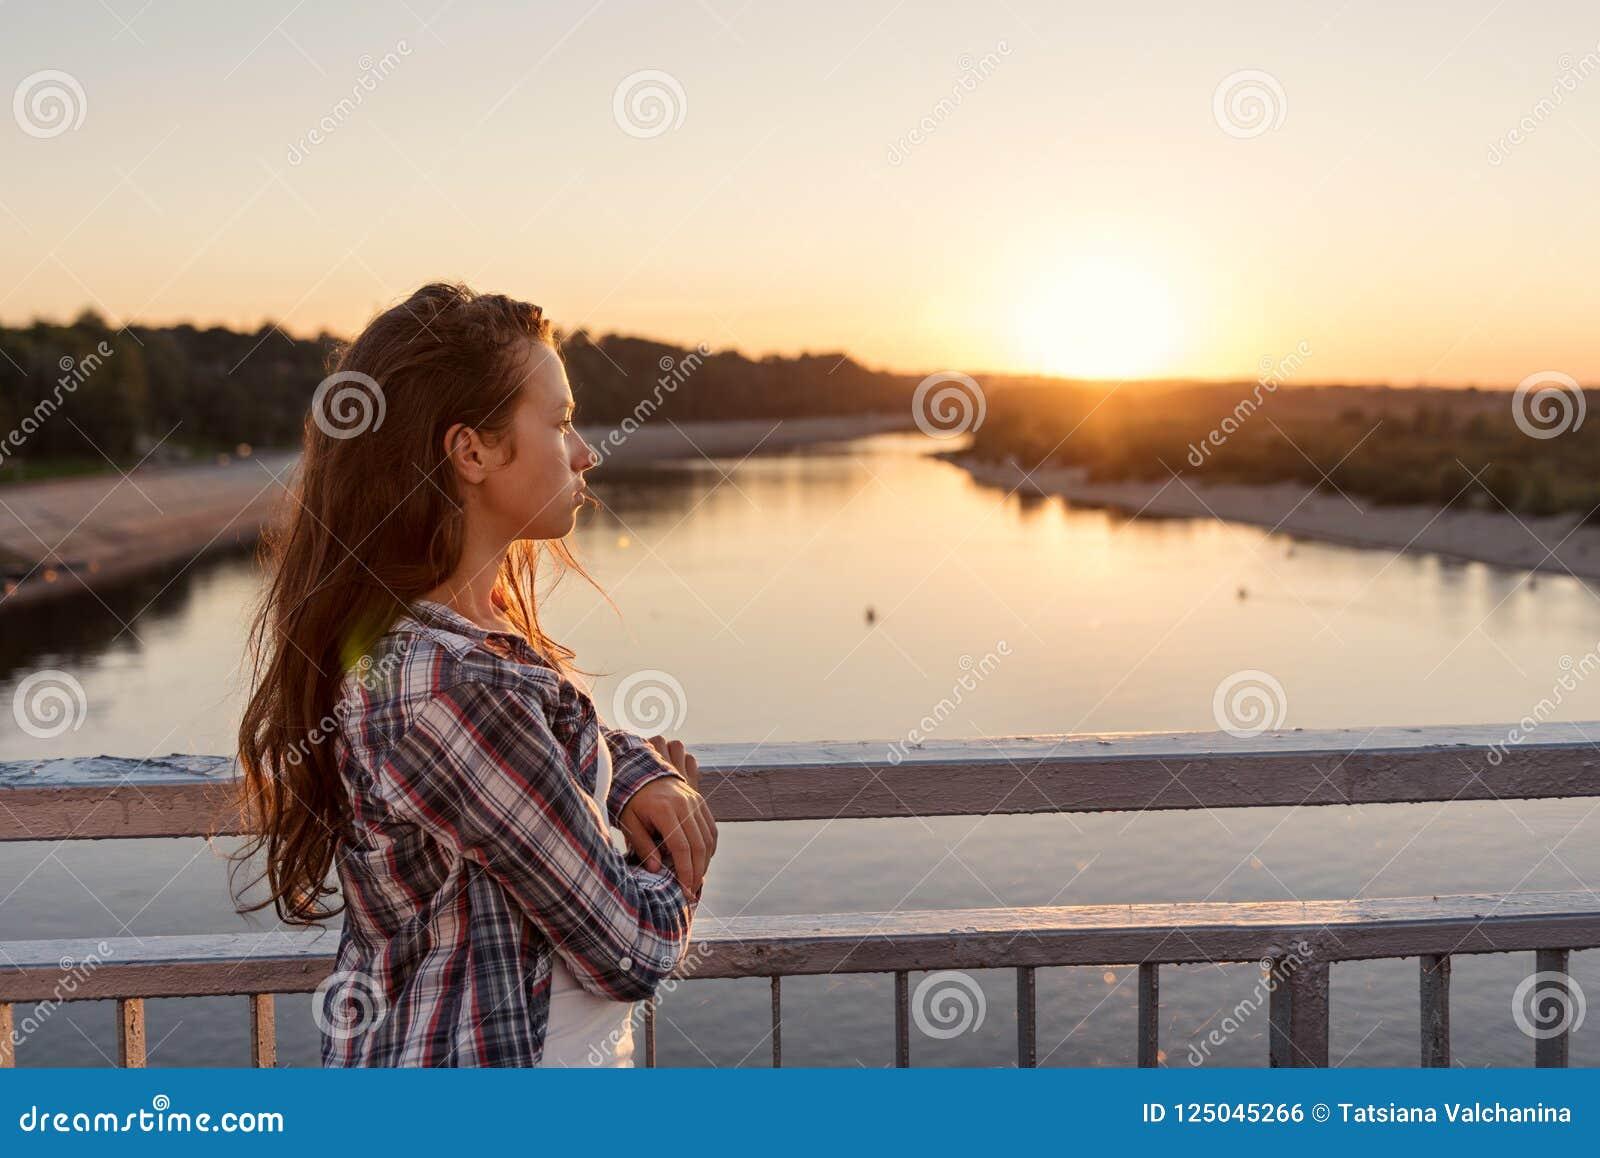 девушка подростка с вьющиеся волосы в образе жизни одевает положение около перил на мосте смотря восход солнца